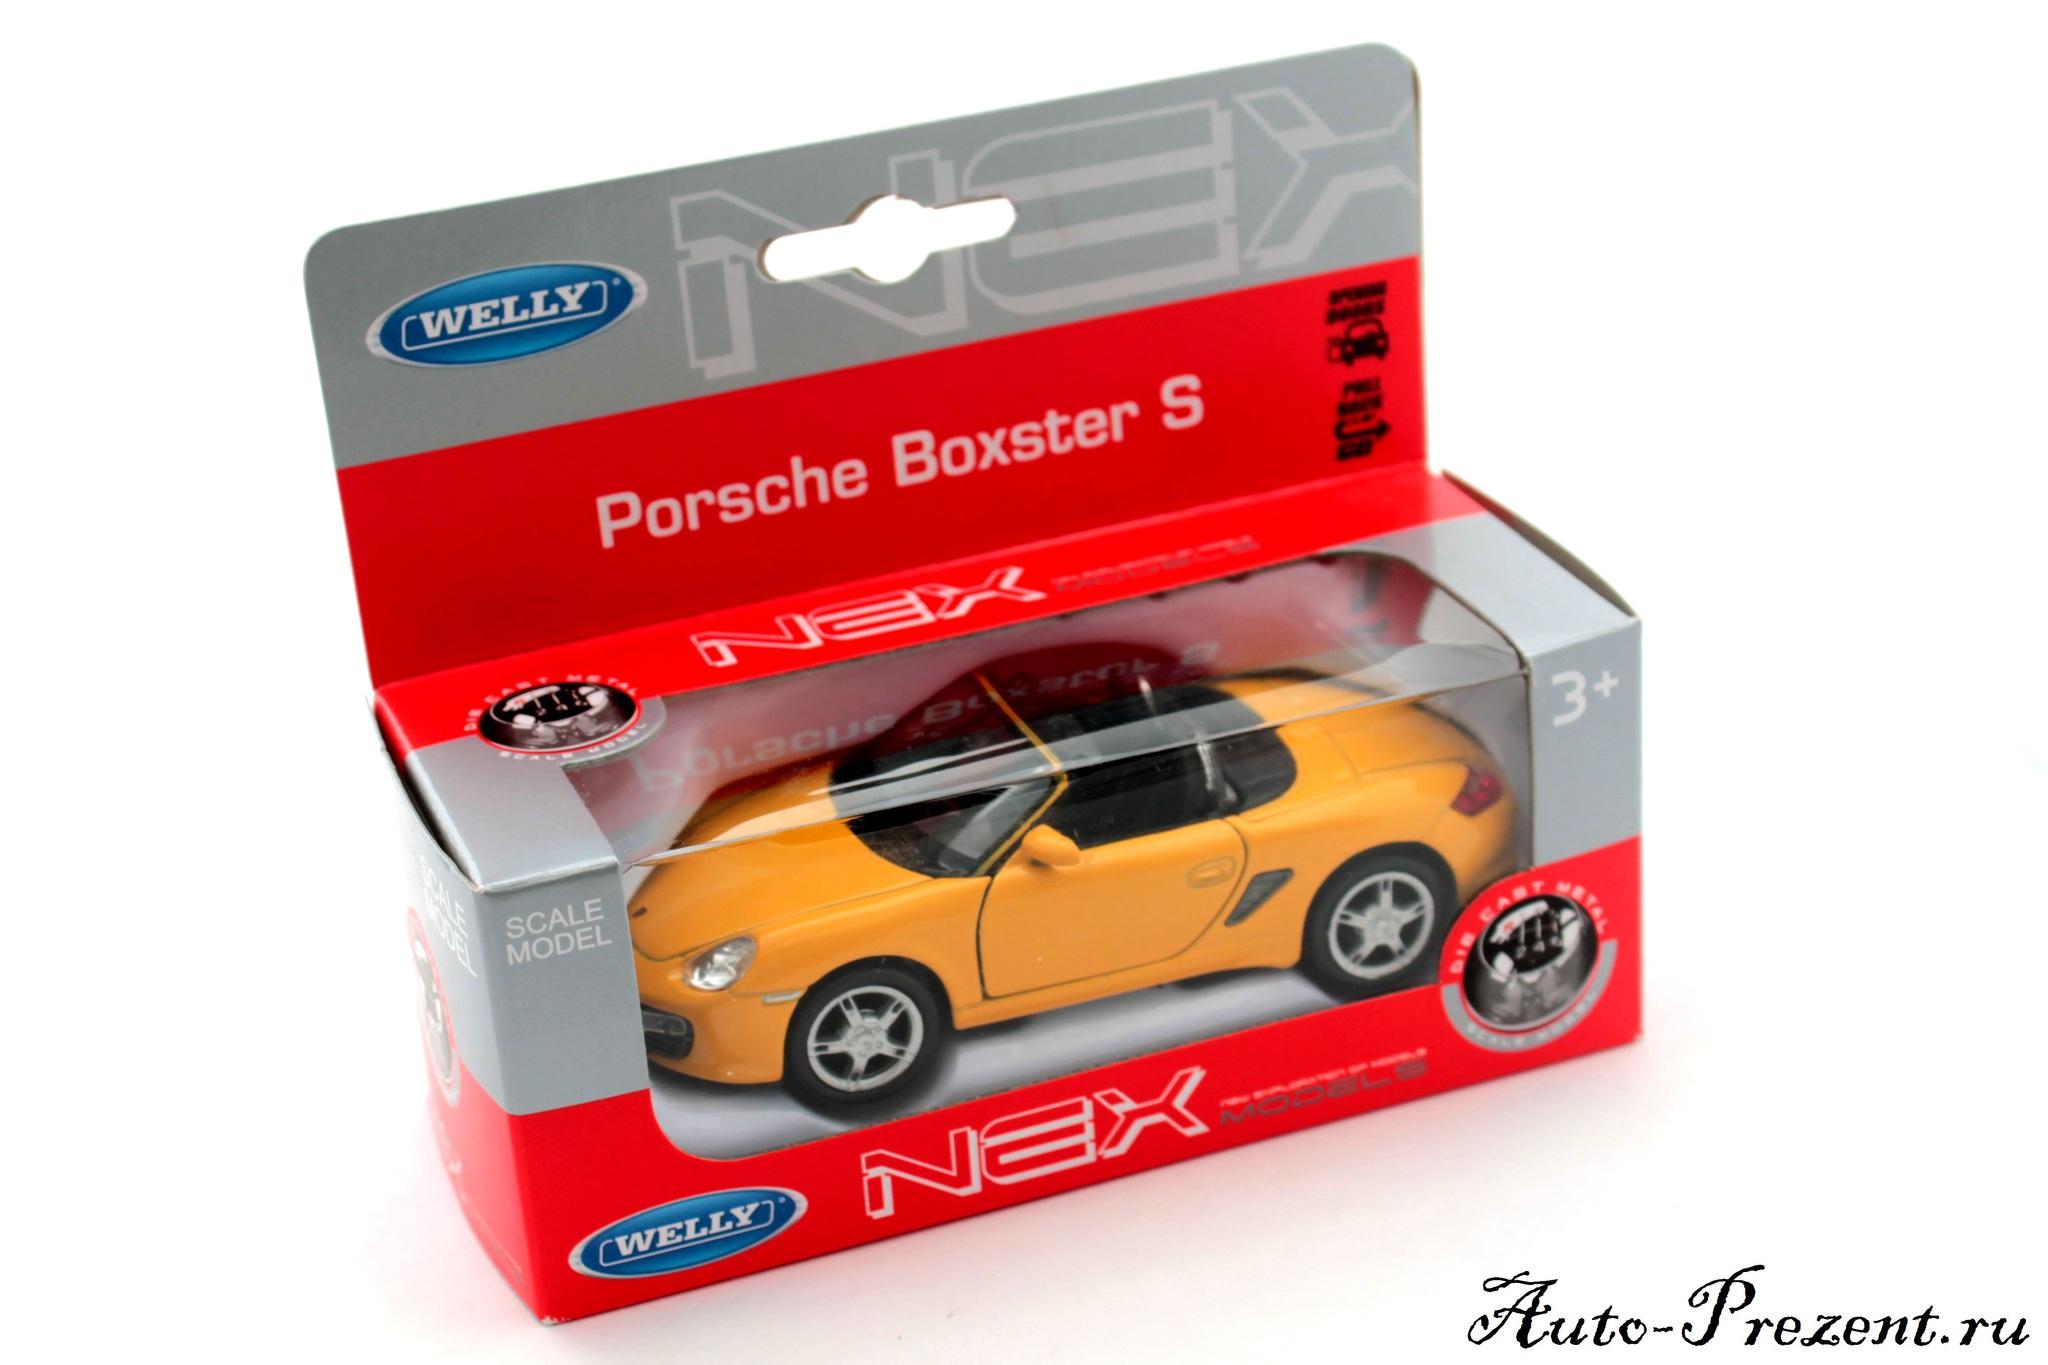 Машинка-игрушка Porsche Boxster S